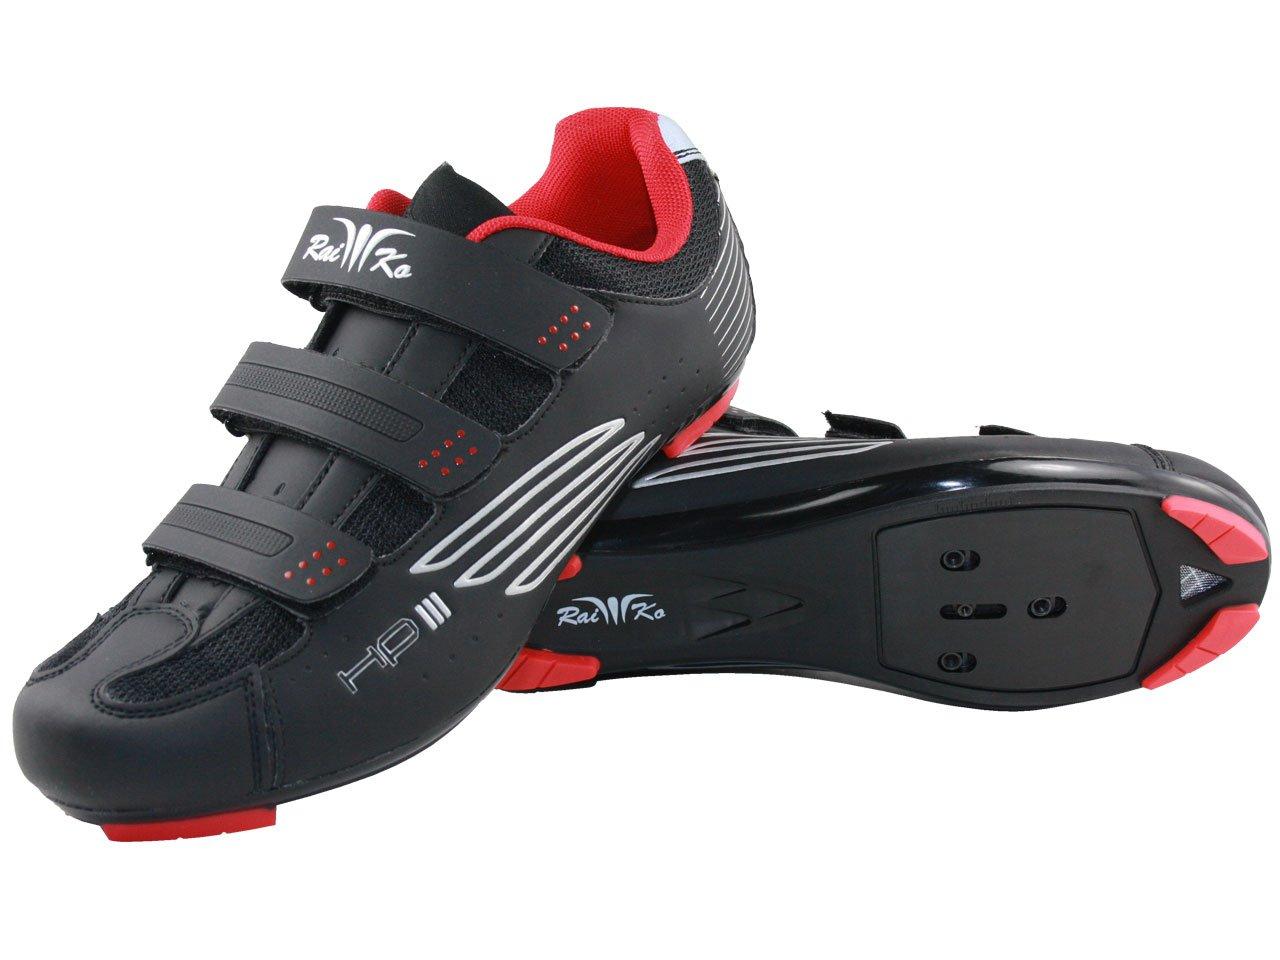 Raiko Sportswear HP3 Fahrradschuhe SPD-SL Look Rennrad Klettverschluss Leder mit Netzeinsätzen Airflow Sohle